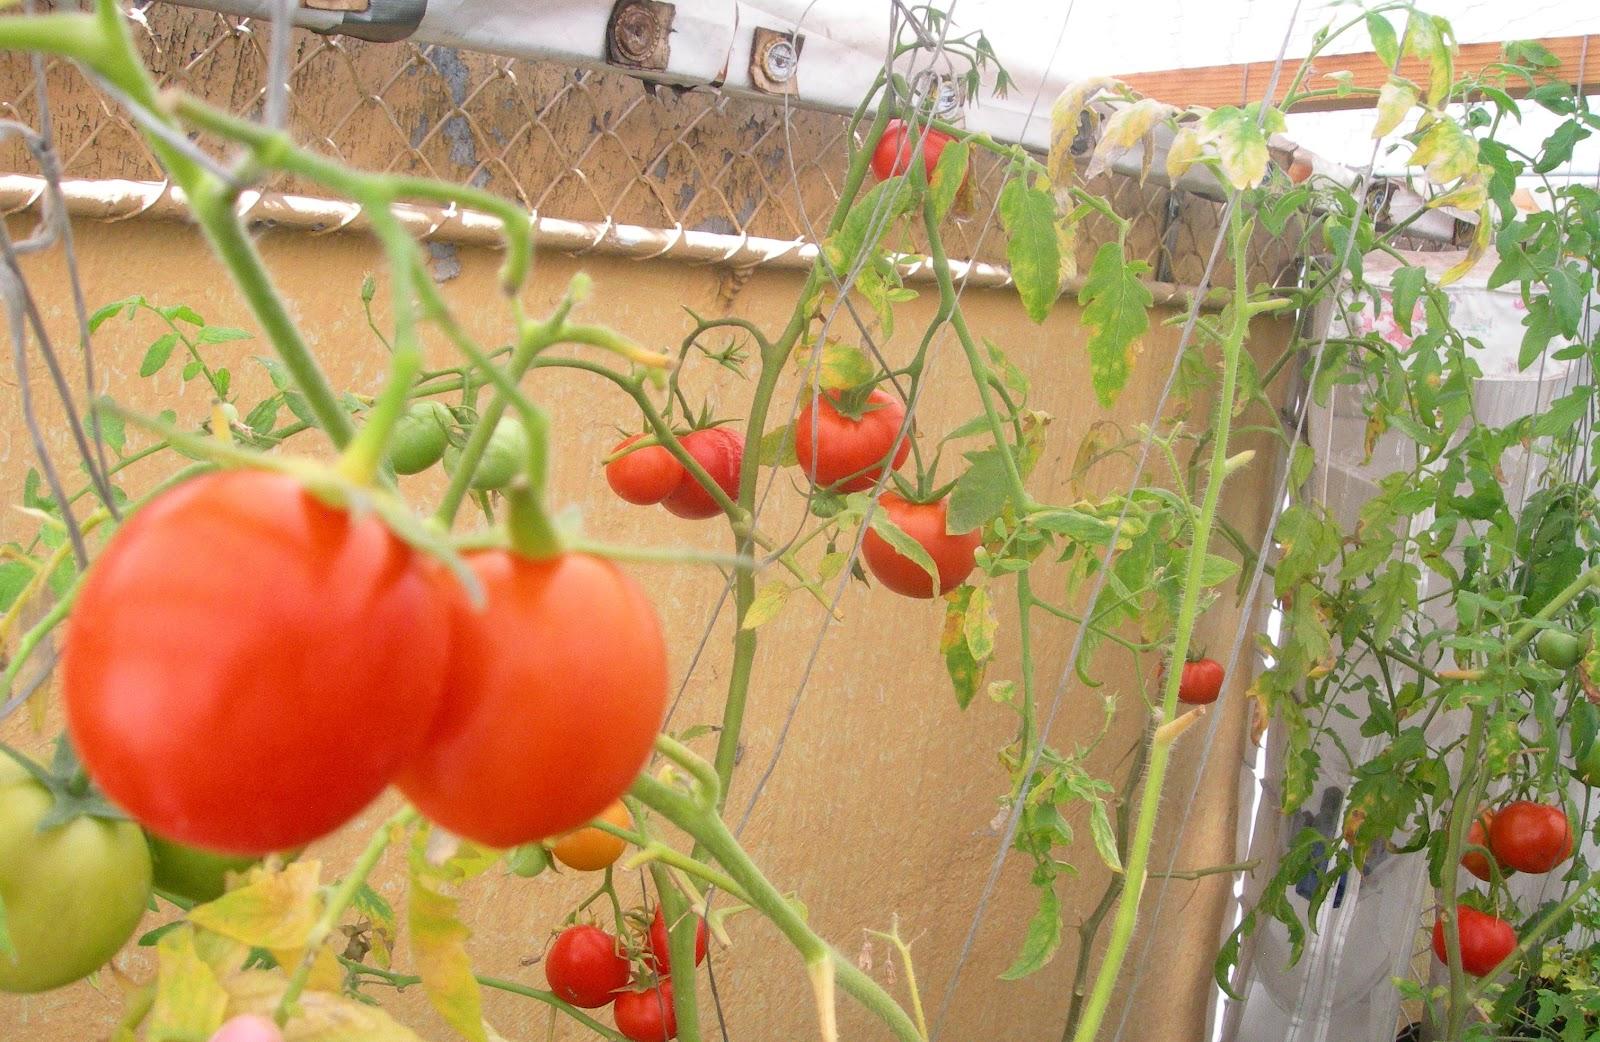 Mi huerto en casa abril 2012 - Tutores para tomates ...